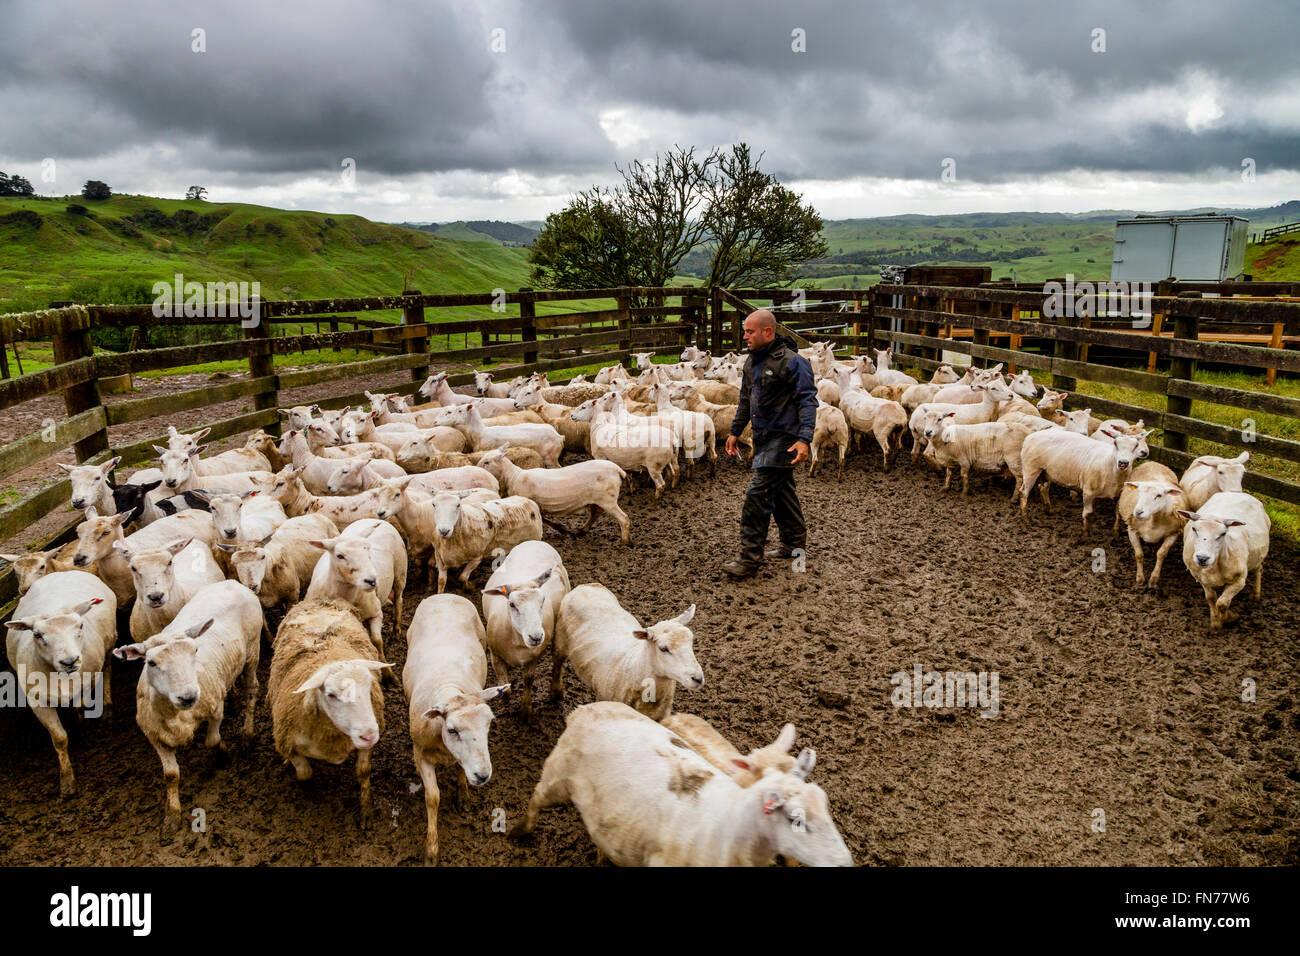 Un éleveur de moutons dans les troupeaux d'un camion, ferme de moutons, pukekohe, Nouvelle-Zélande Banque D'Images